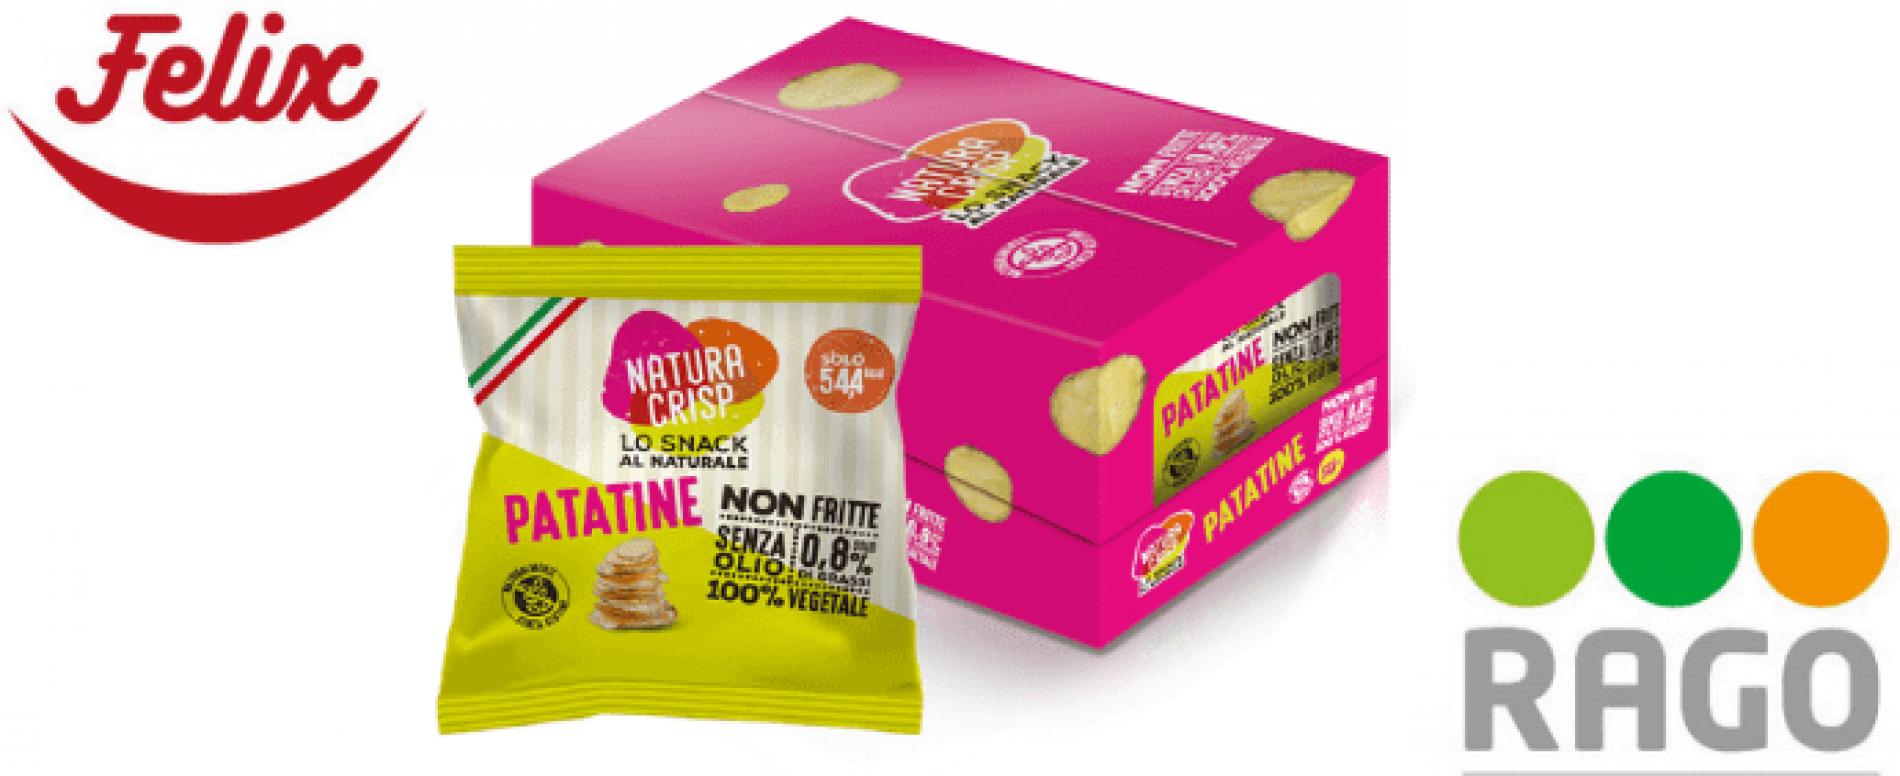 Natura Crisp, le patatine non fritte ideali per il Vending